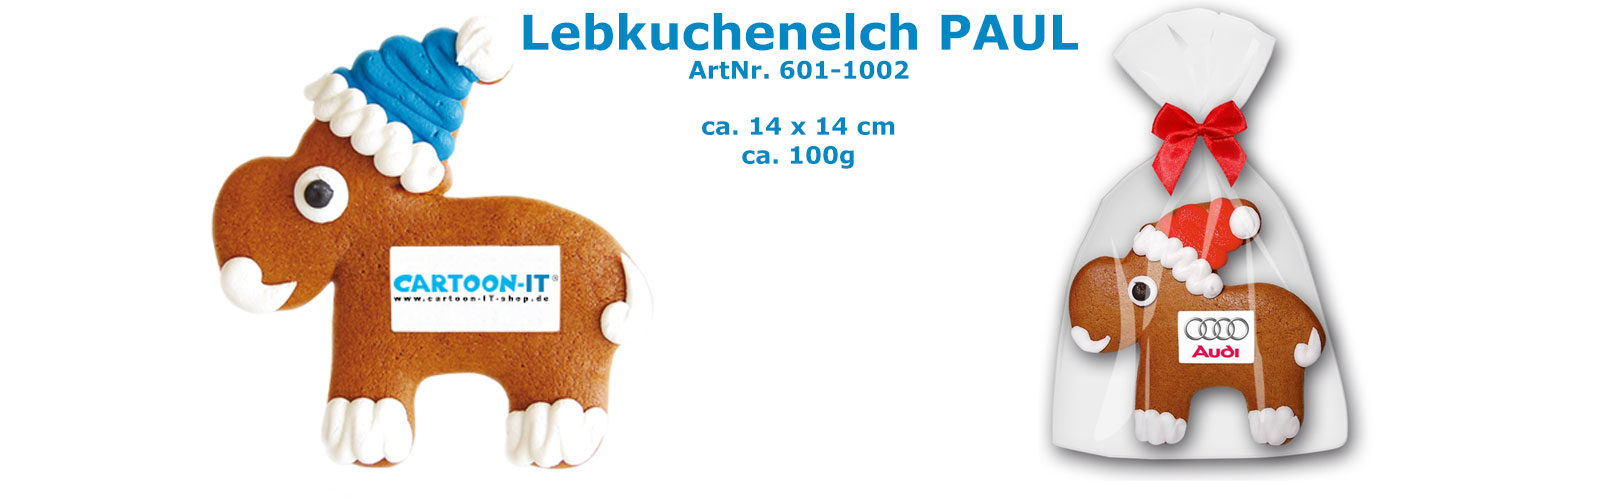 Lebkuchenelch Paul